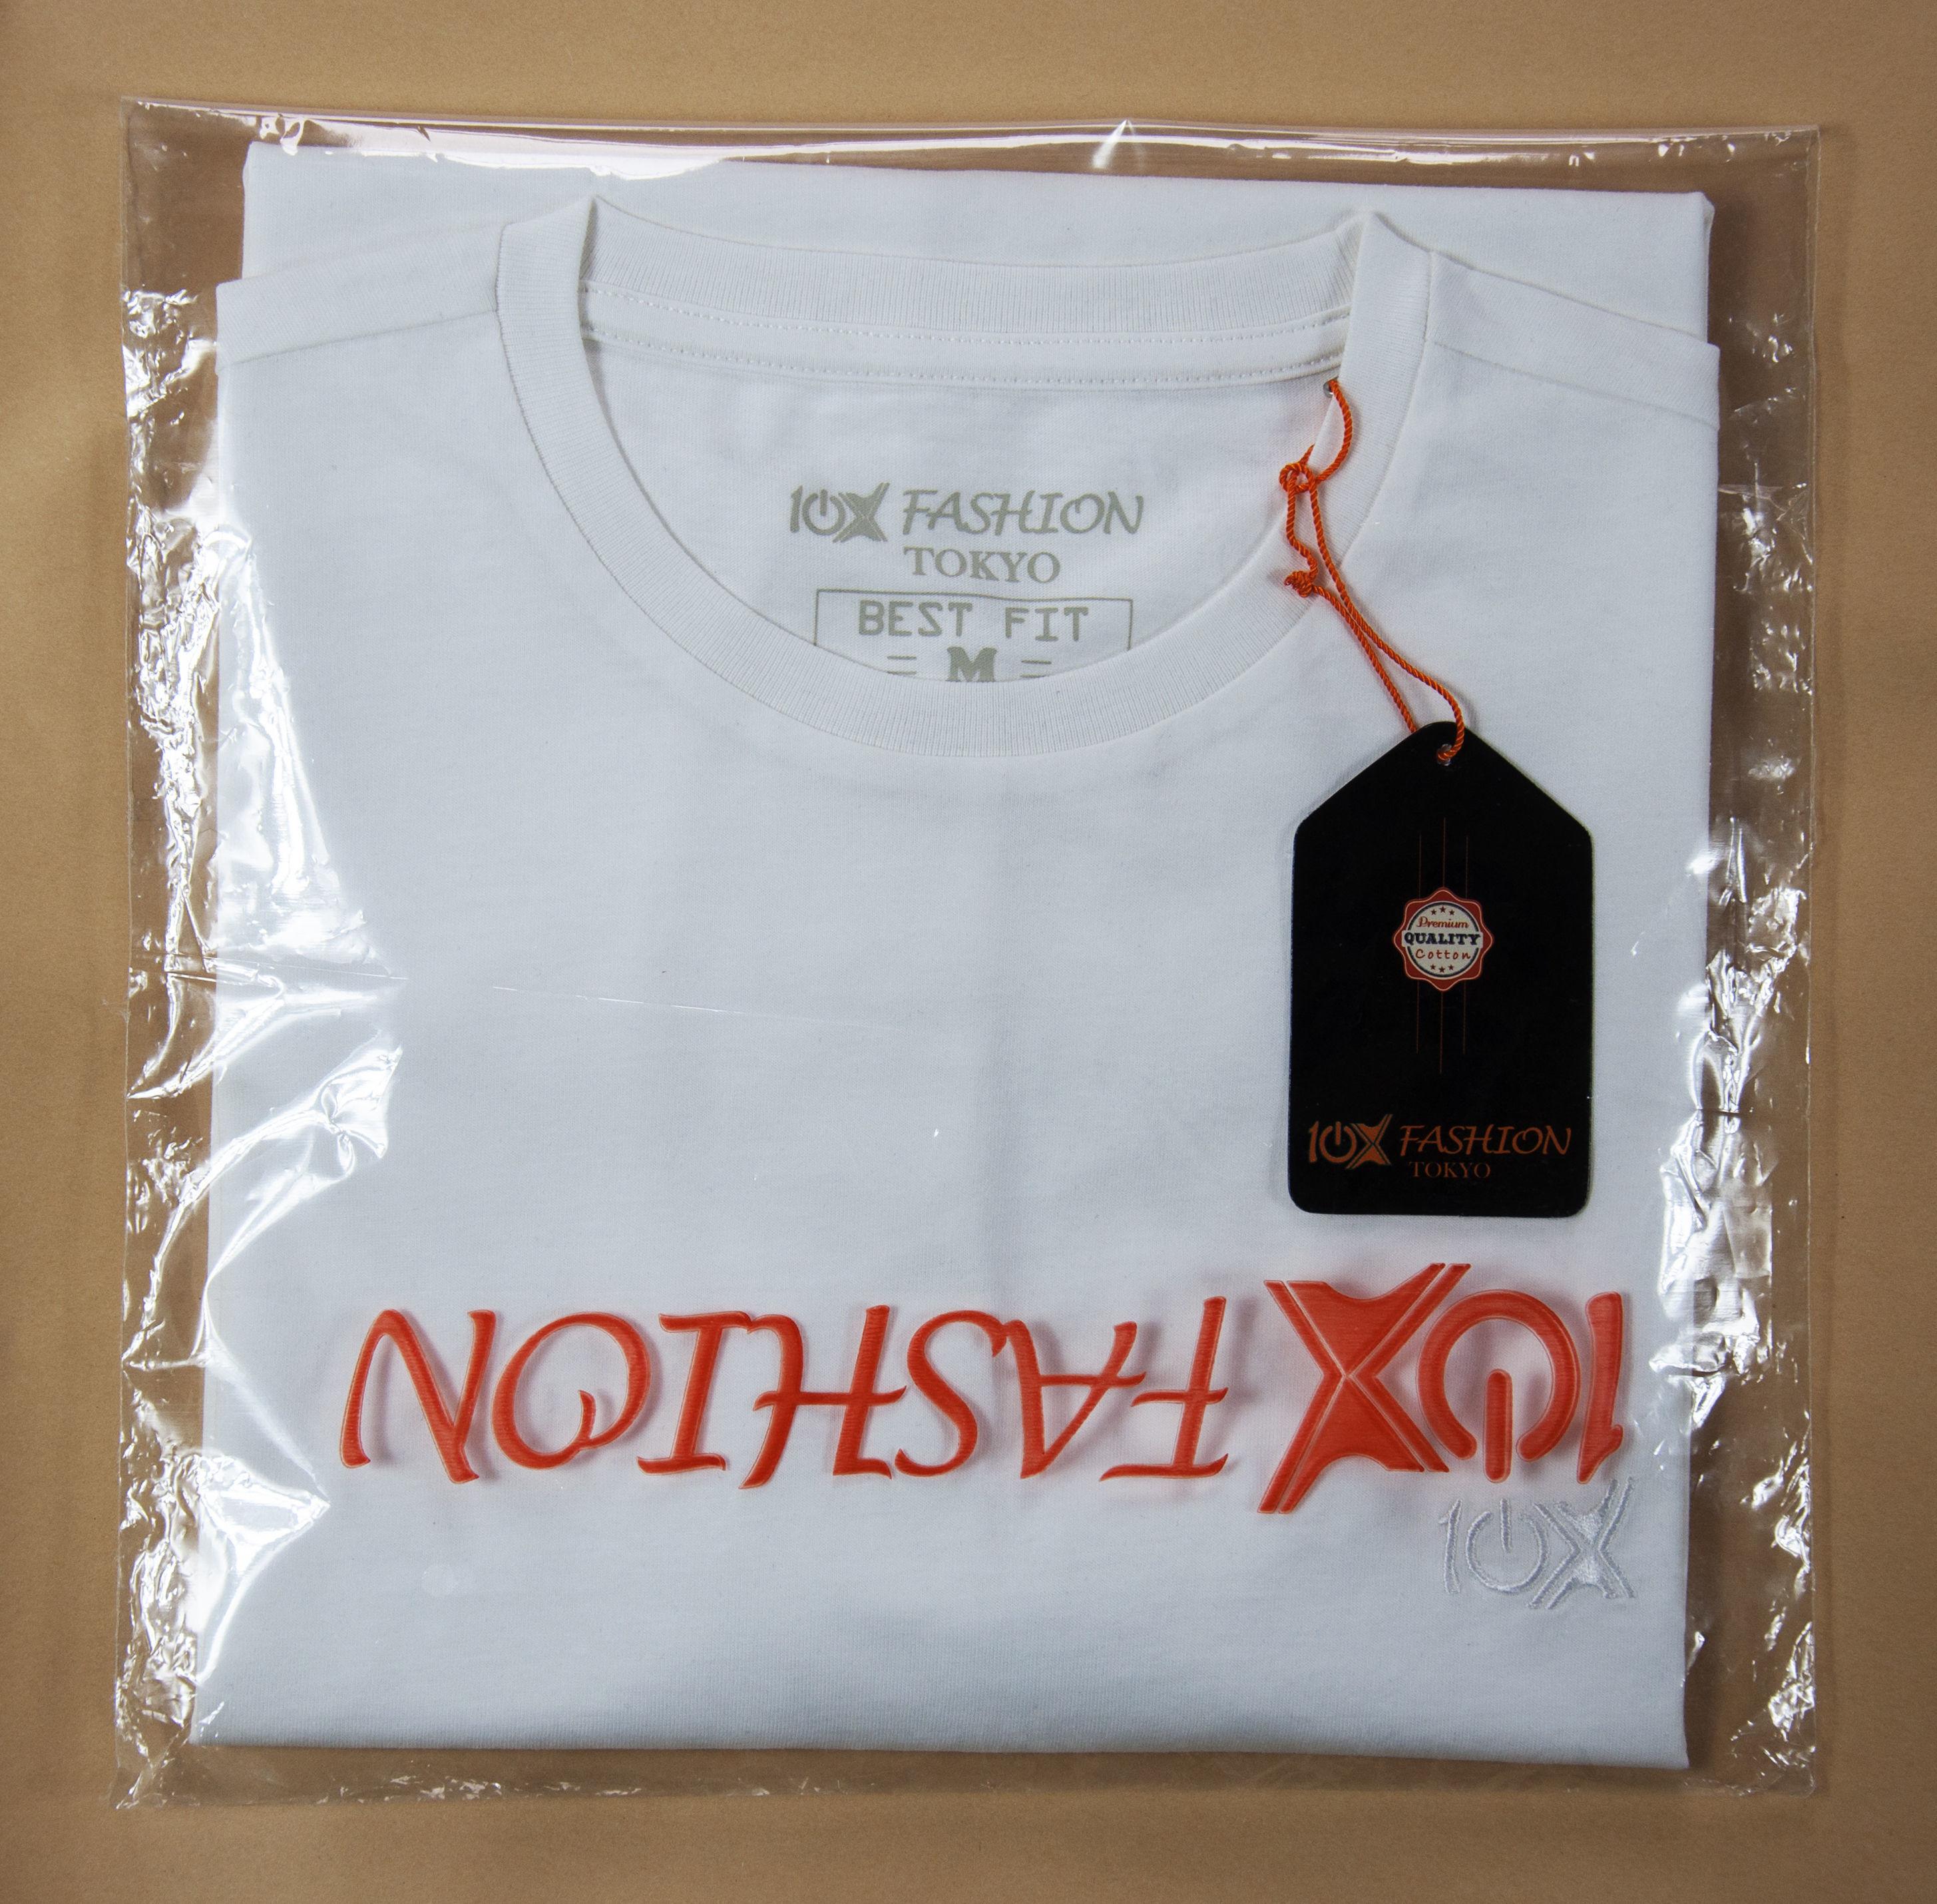 【SALE】(10Xファッション東京) 10X FASHION TOKYO 無地 Uネック 半袖 コットン Tシャツ メンズ ( 白  S, M, L )【70% OFF】